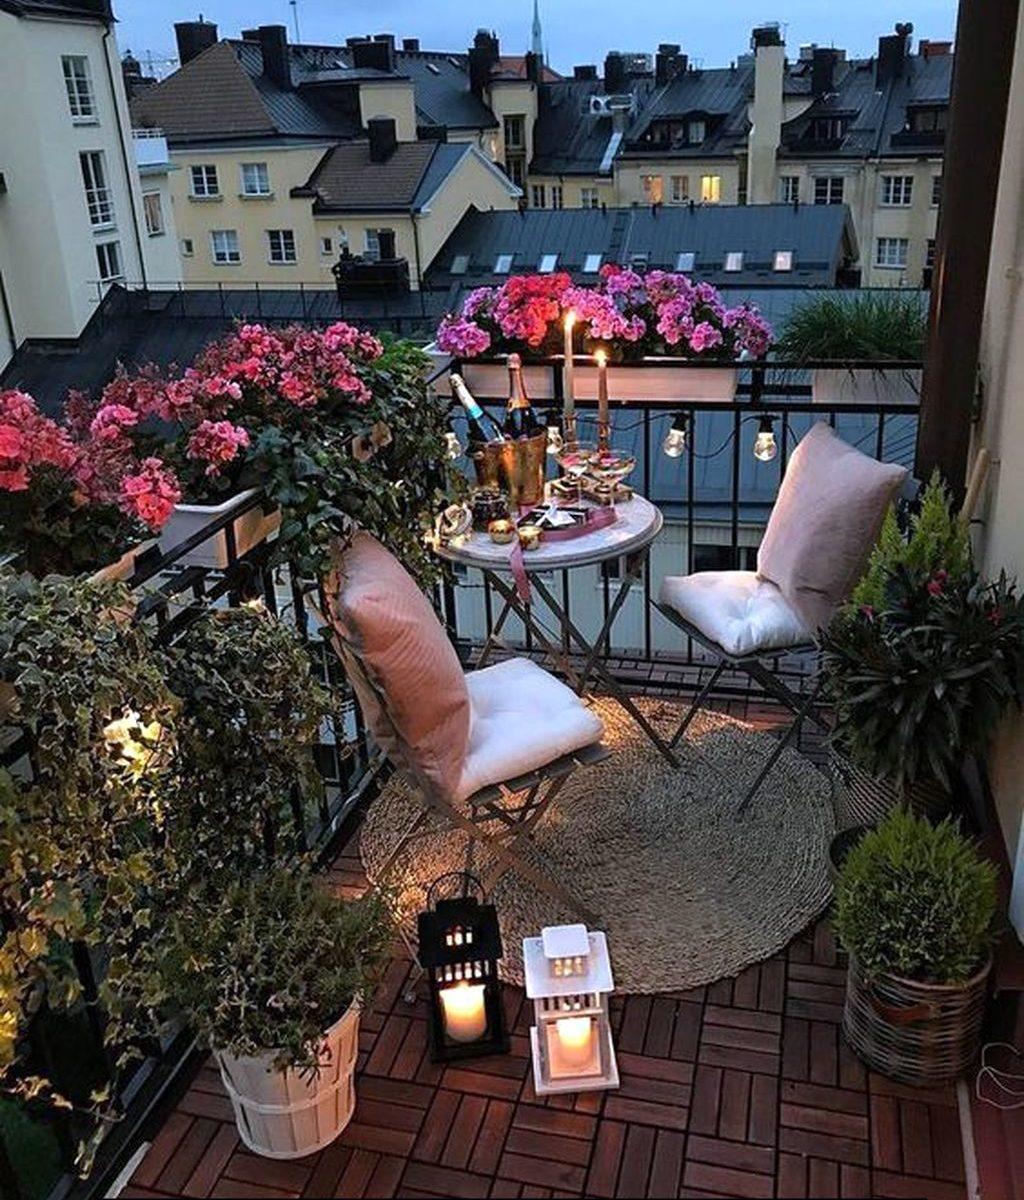 Stunning Apartment Balcony Garden Ideas Look Beautiful 23